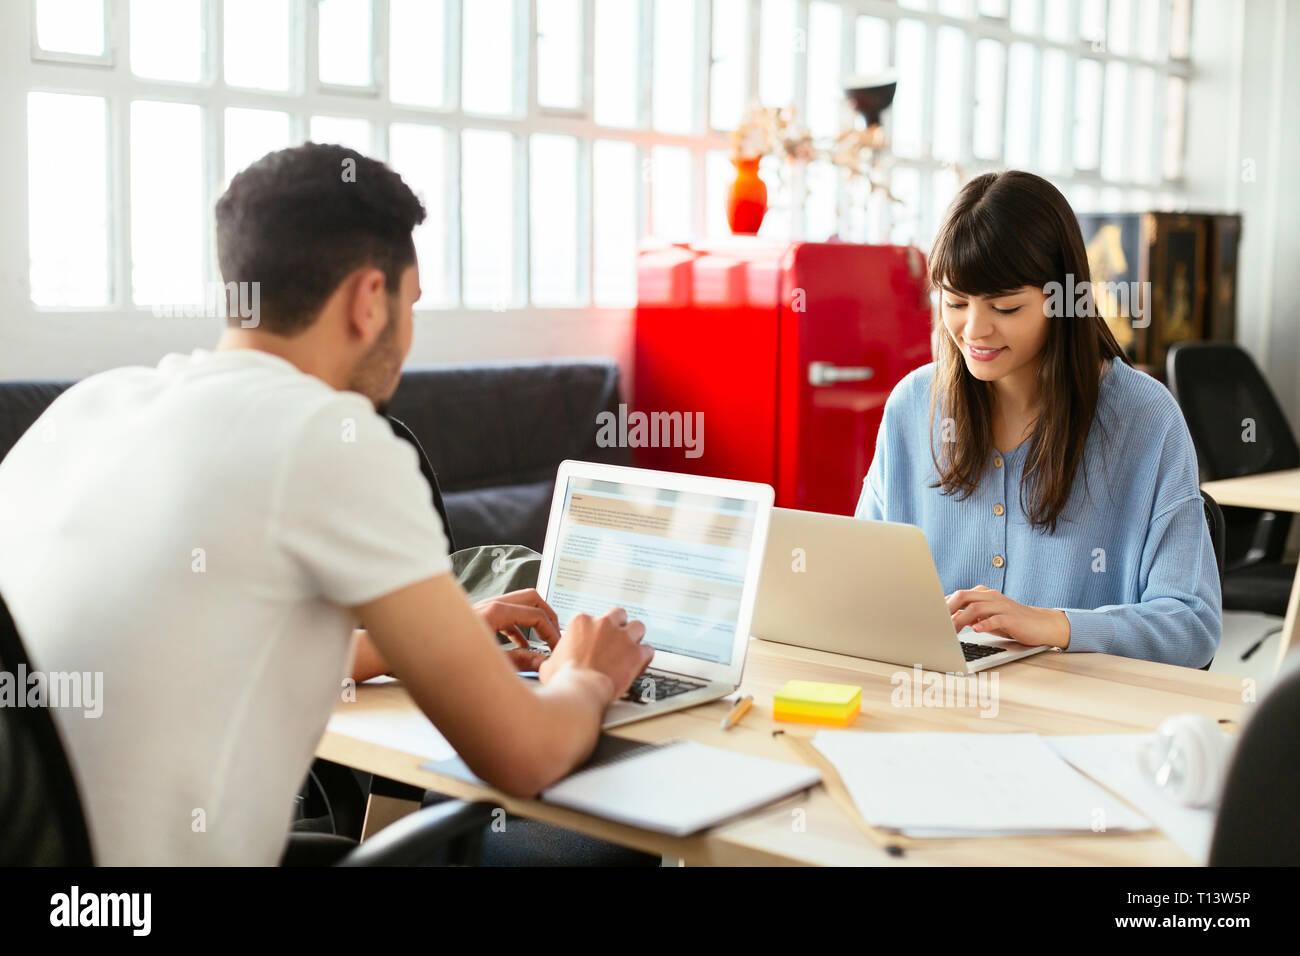 Kollegen mit Laptops am Schreibtisch im Büro Stockfoto